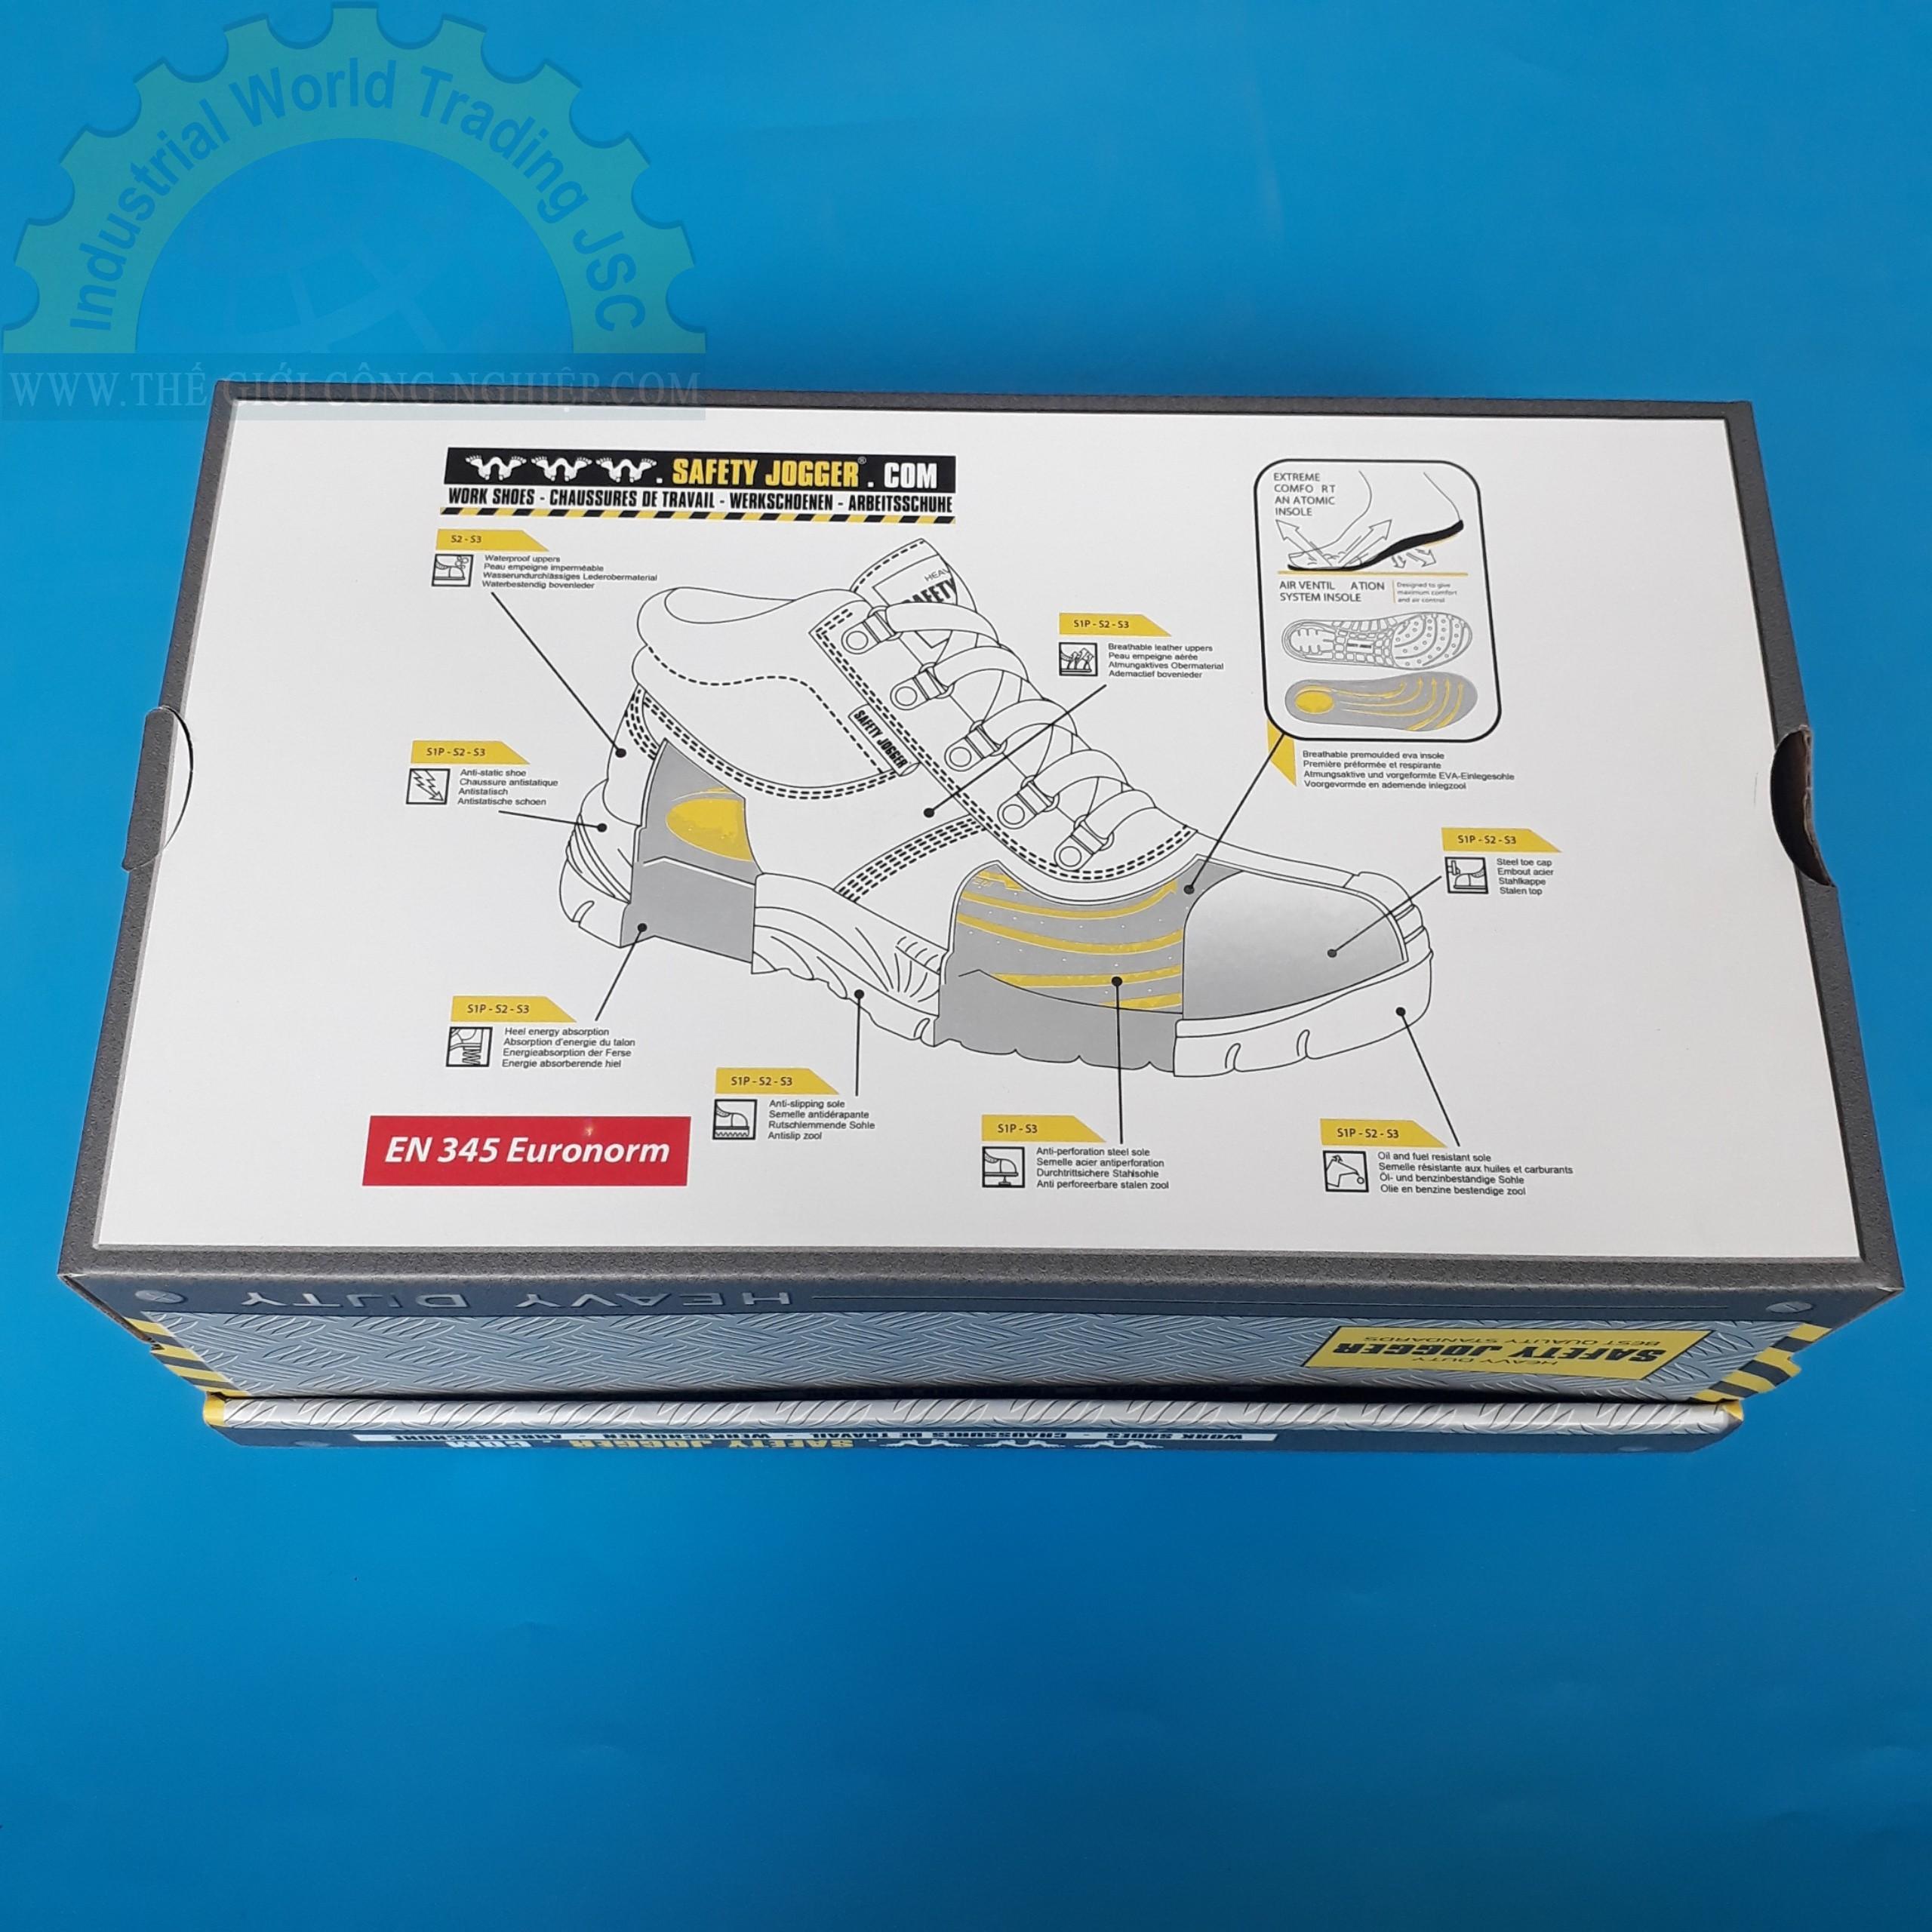 Giày bảo hộ lao động size 40  TGCN-37652 Bestrun 2 S3 SAFETYJOGGER